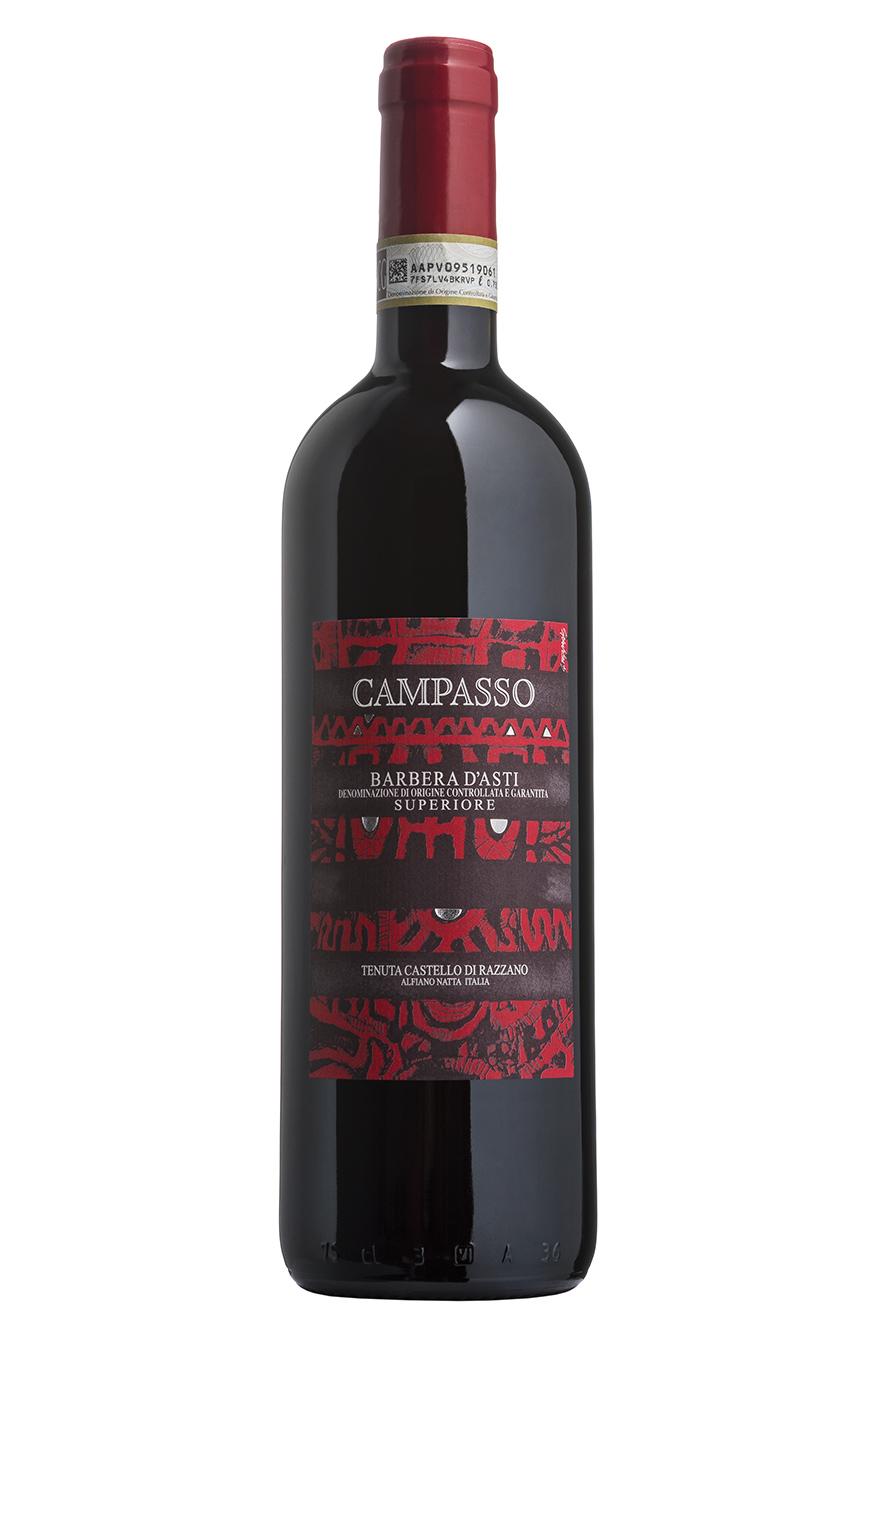 CAMPASSO - Barbera d'Asti superiore - Castello di Razzano